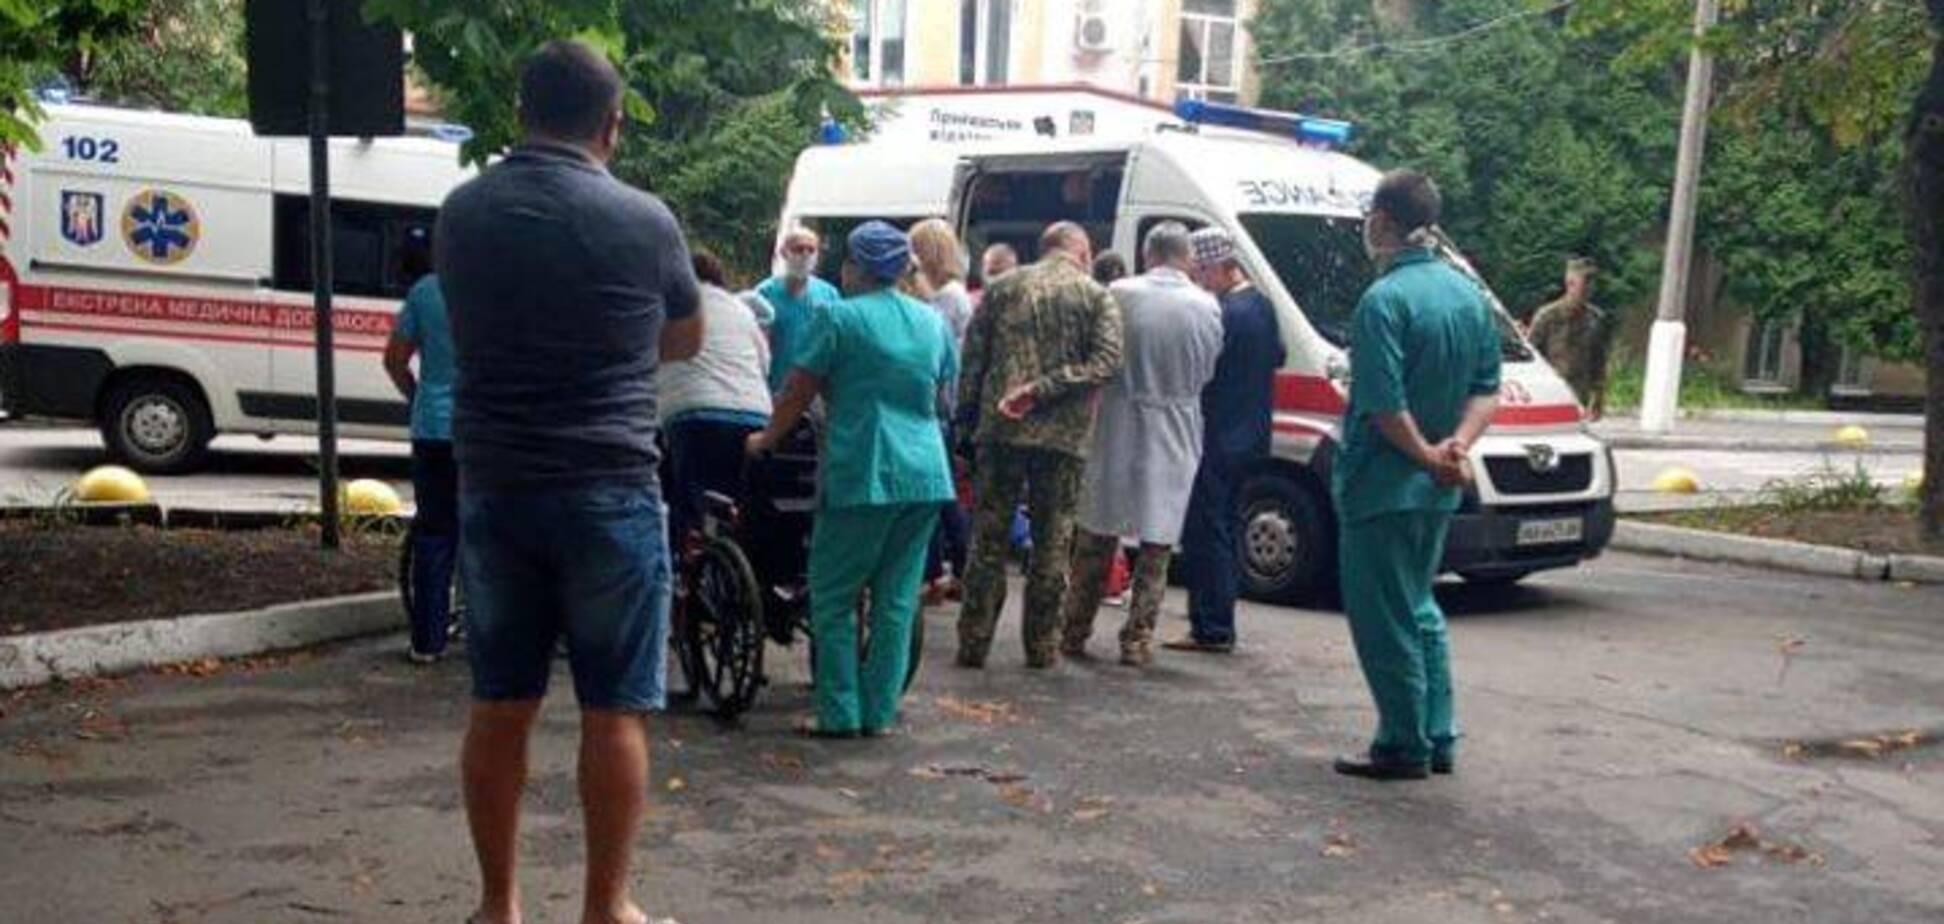 В Киев прибыл борт с ранеными героями Донбасса: волонтер просит помочь